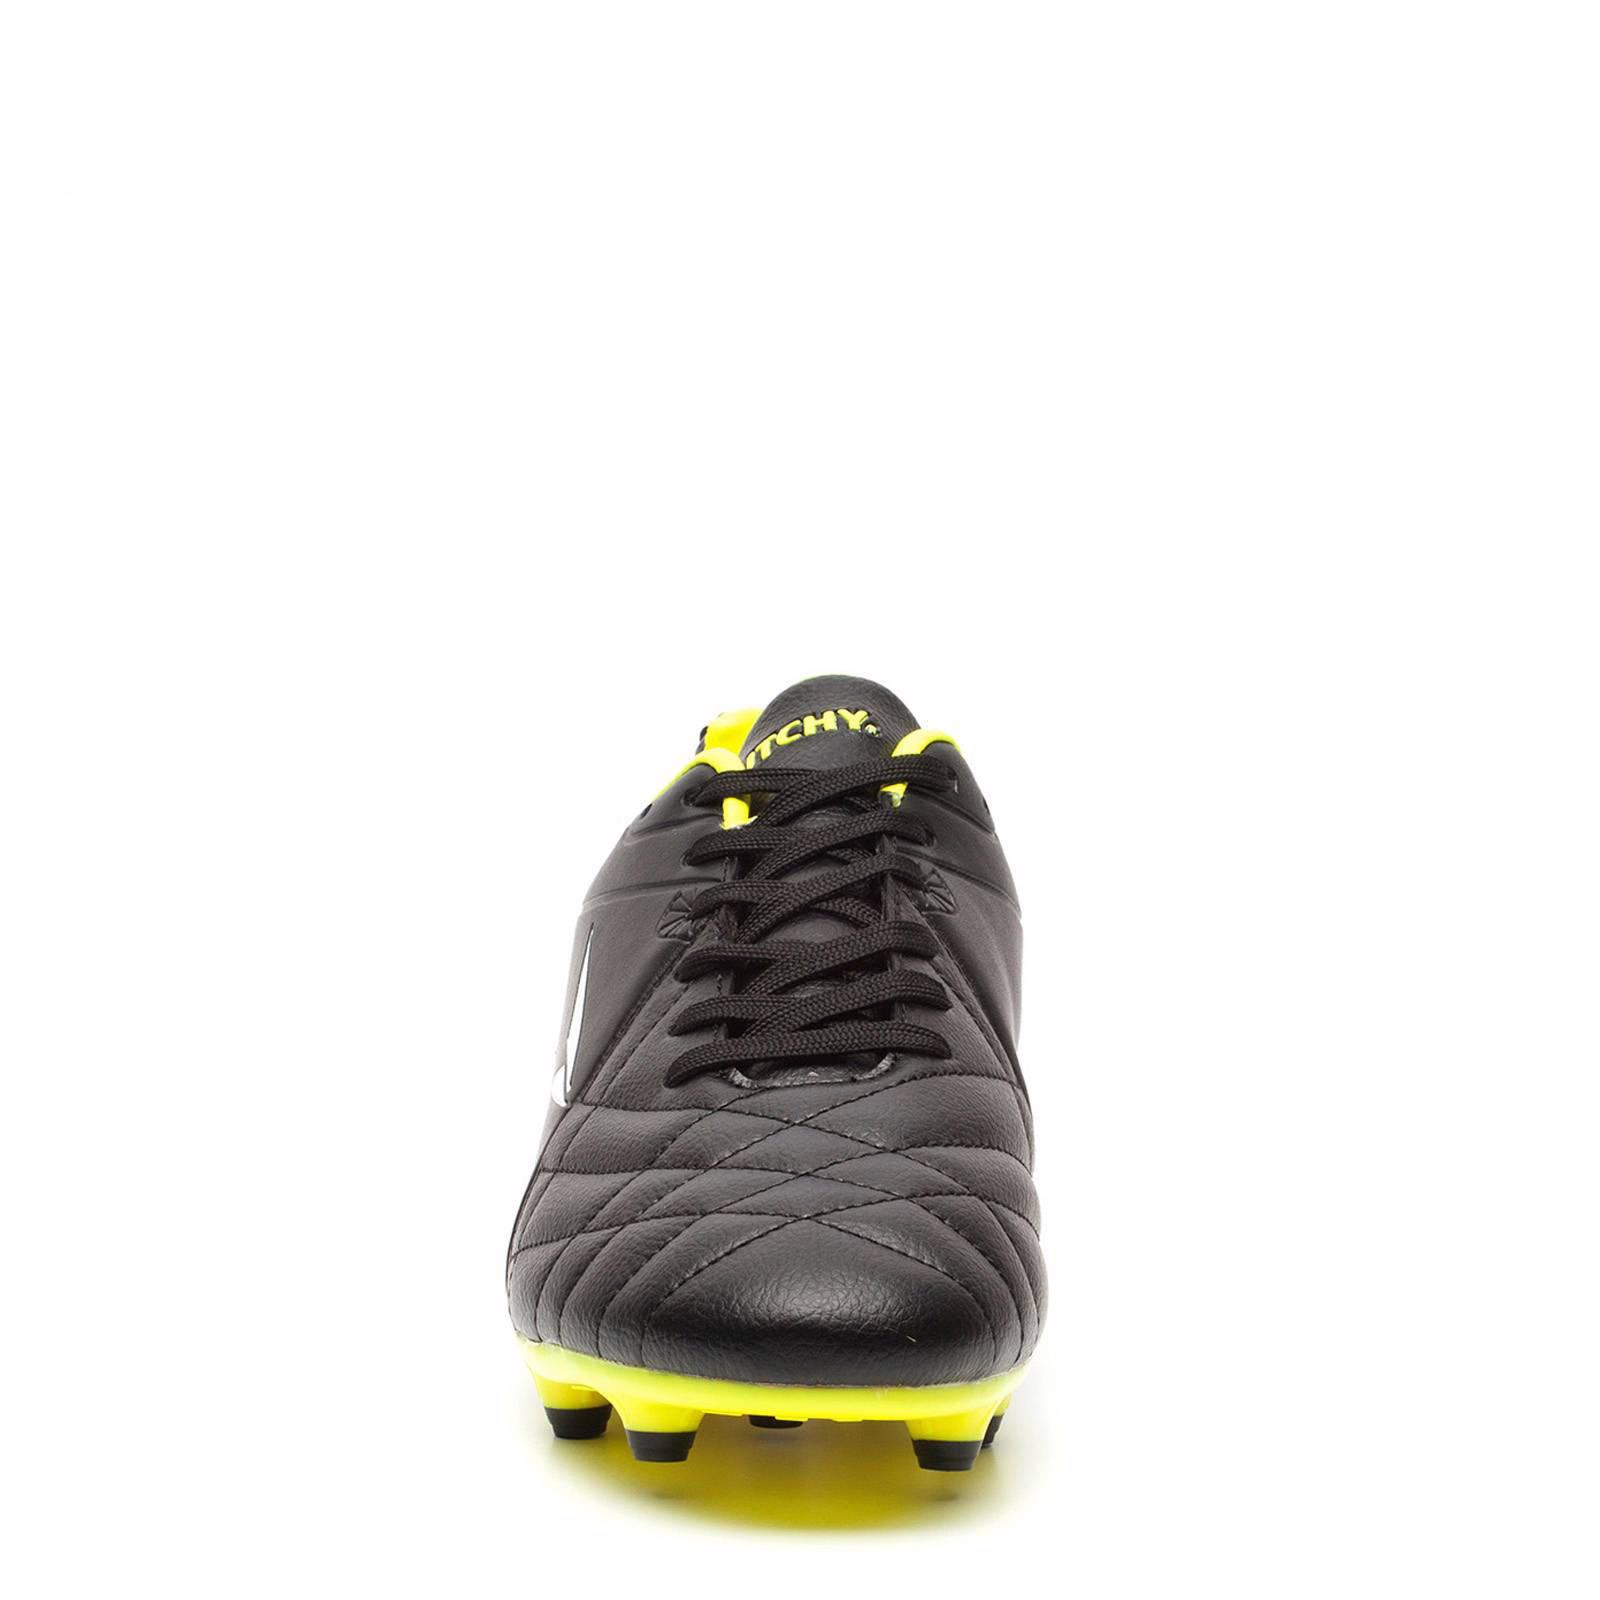 d47ce8607b3 scapino-dutchy-basic-fg-voetbalschoenen-heren-zwart-8718907485098.jpg